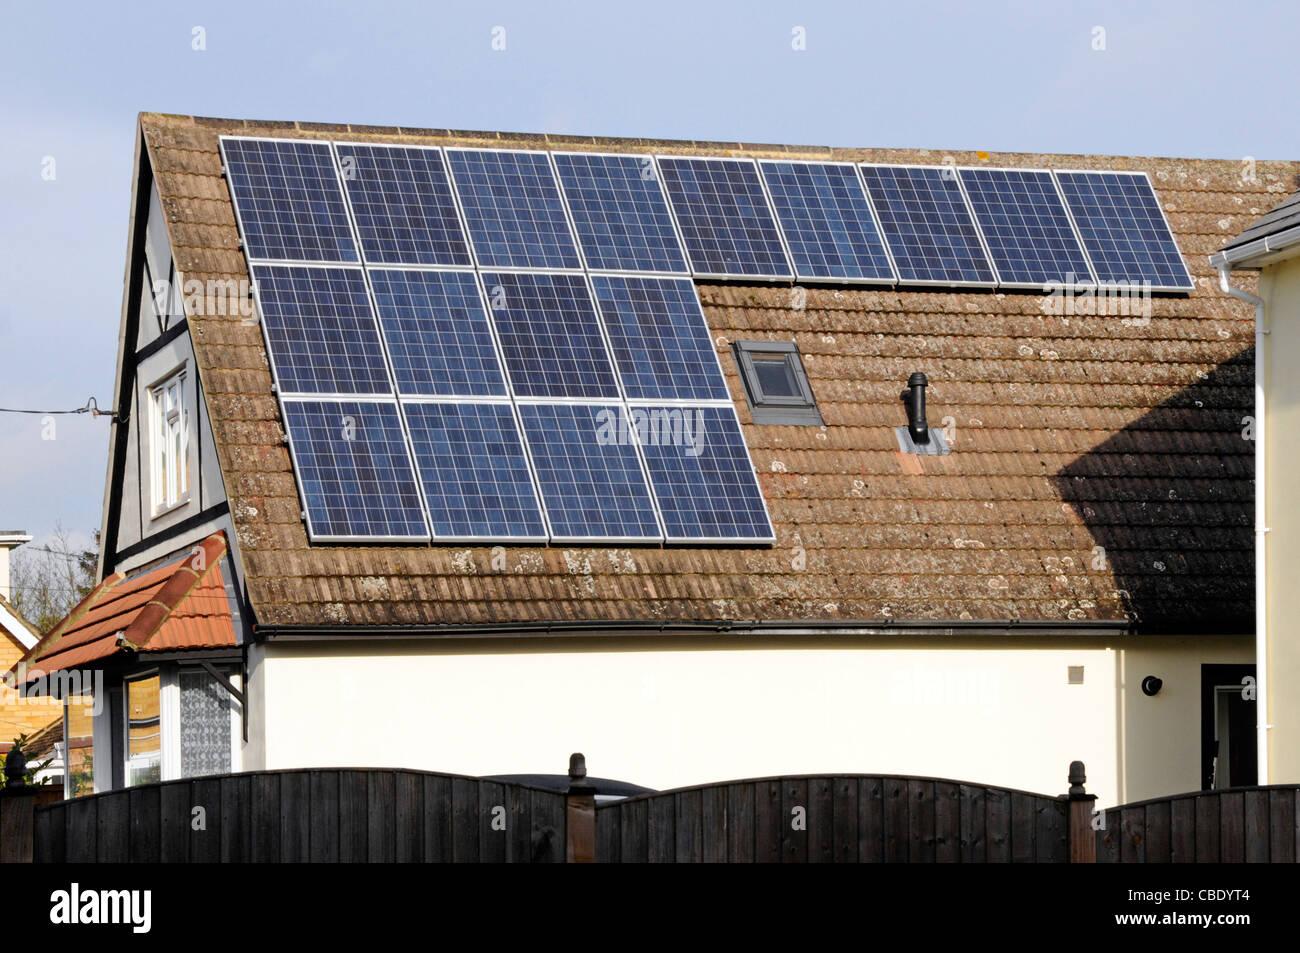 Paneles solares en sunshine instalado en el techo mirando al sur en el soleado cielo azul día casa unifamiliar Imagen De Stock